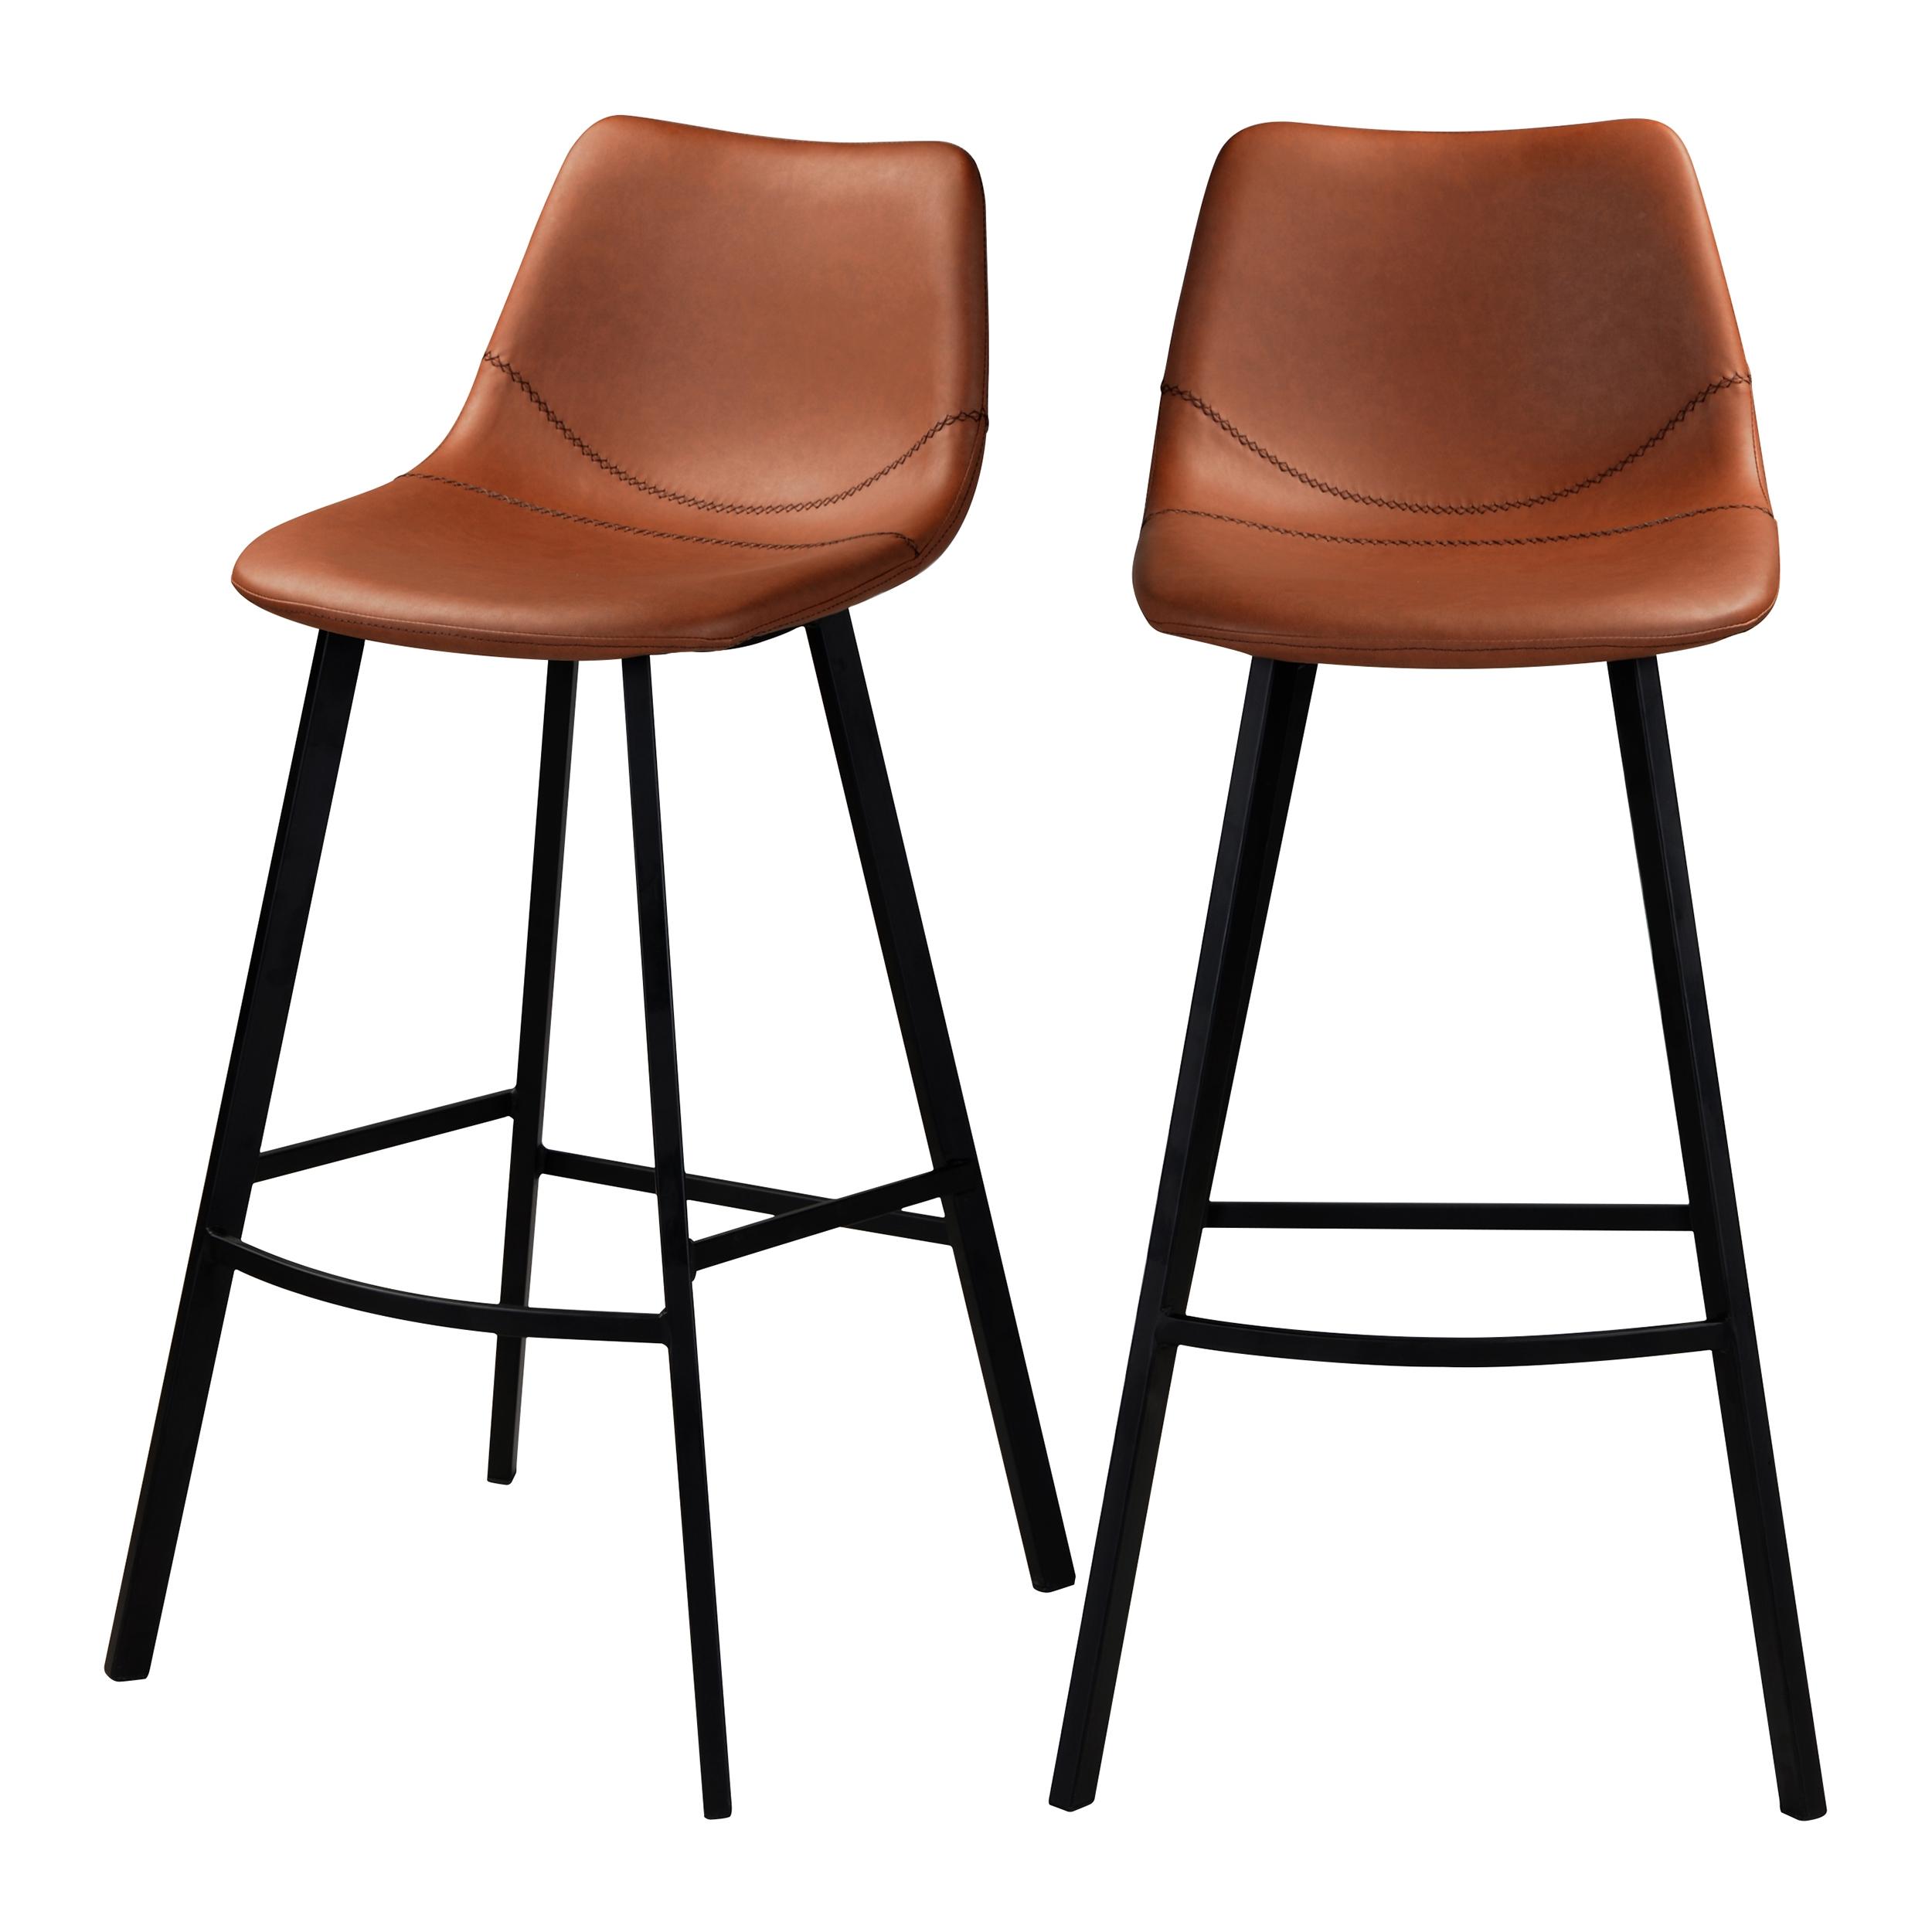 Chaise de bar 80 cm en cuir synthétique marron (lot de 2)